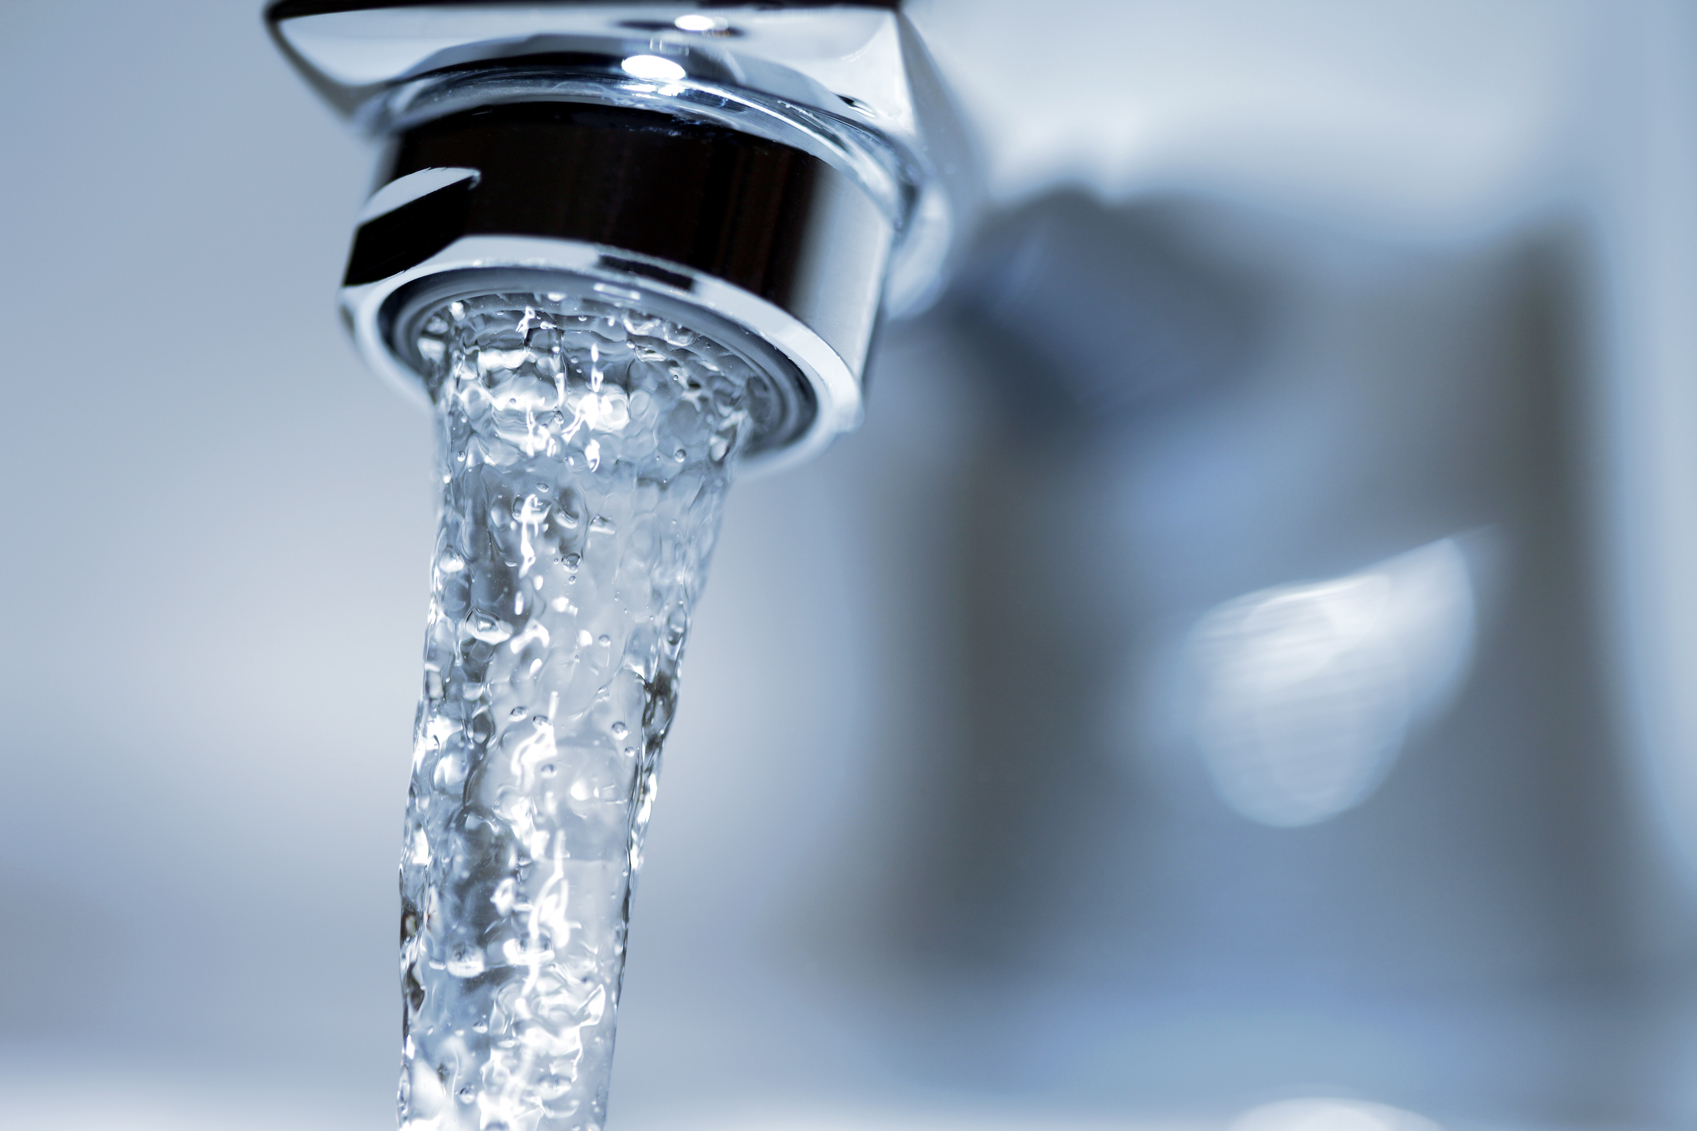 Reduce hot water temperature to 120 degrees image: tarek el sombati